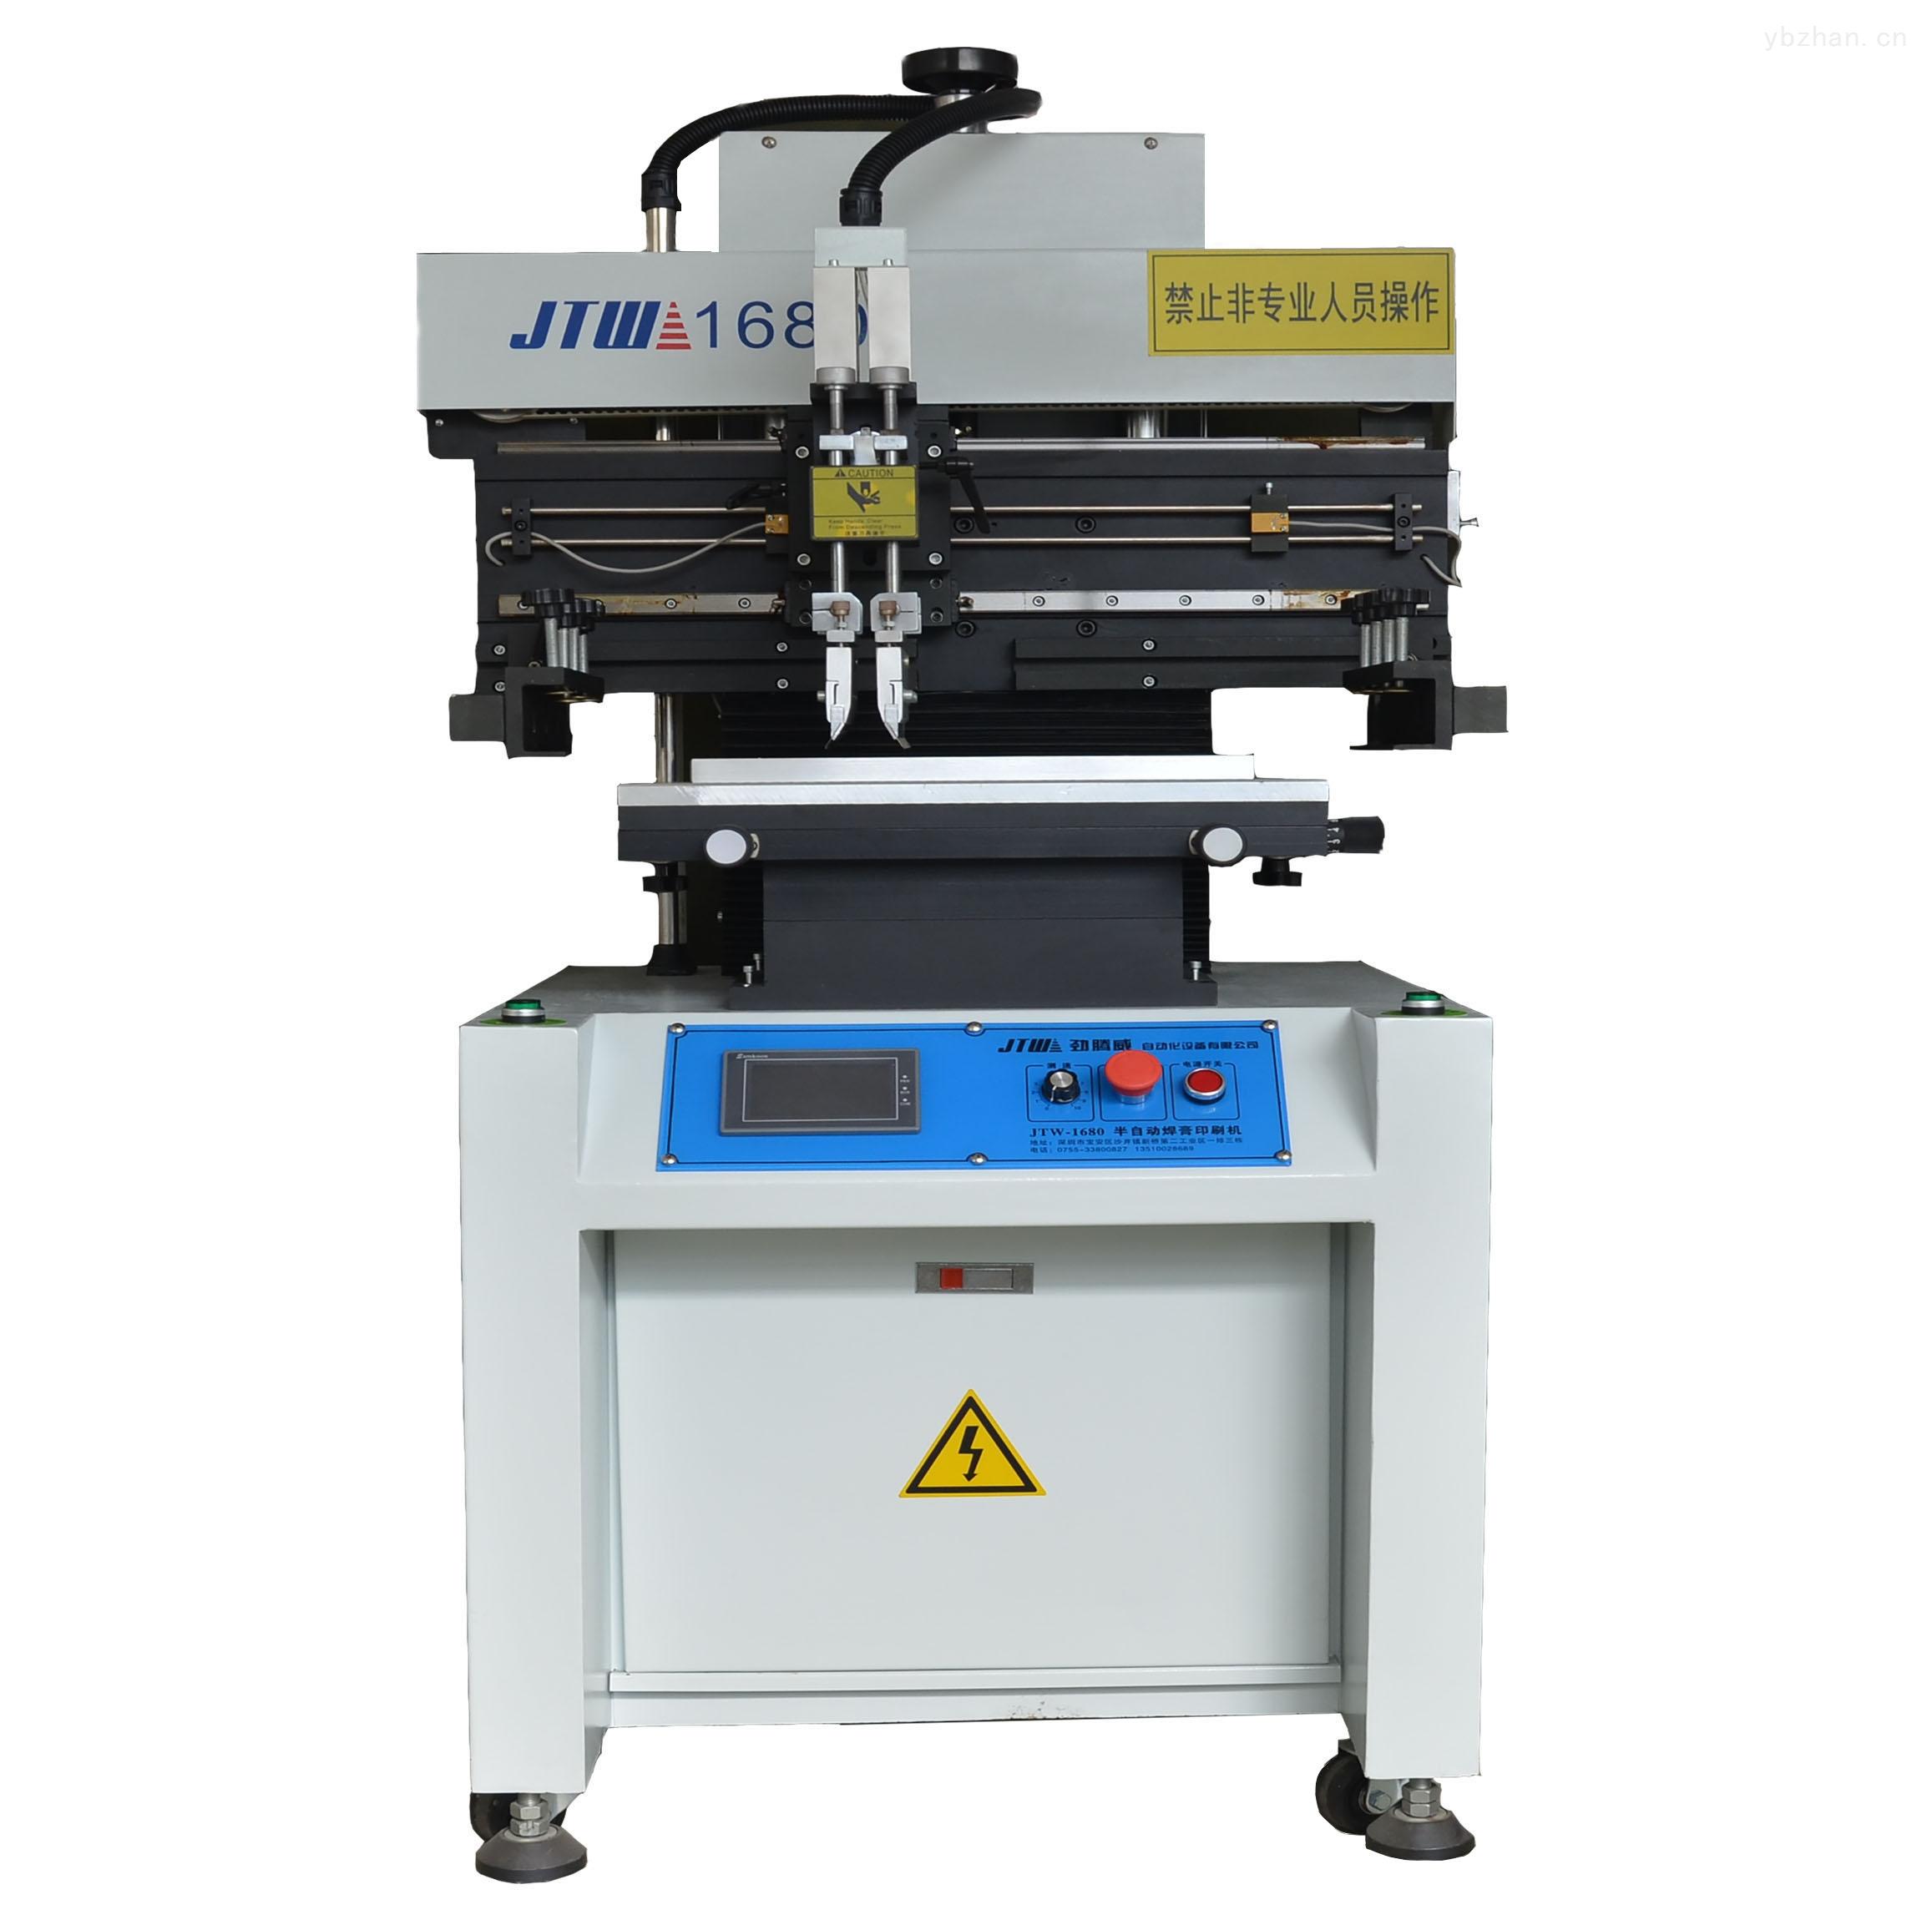 劲腾威jtw-1680 锡半自动印刷机价格 印刷机多少钱,国产半自动锡膏